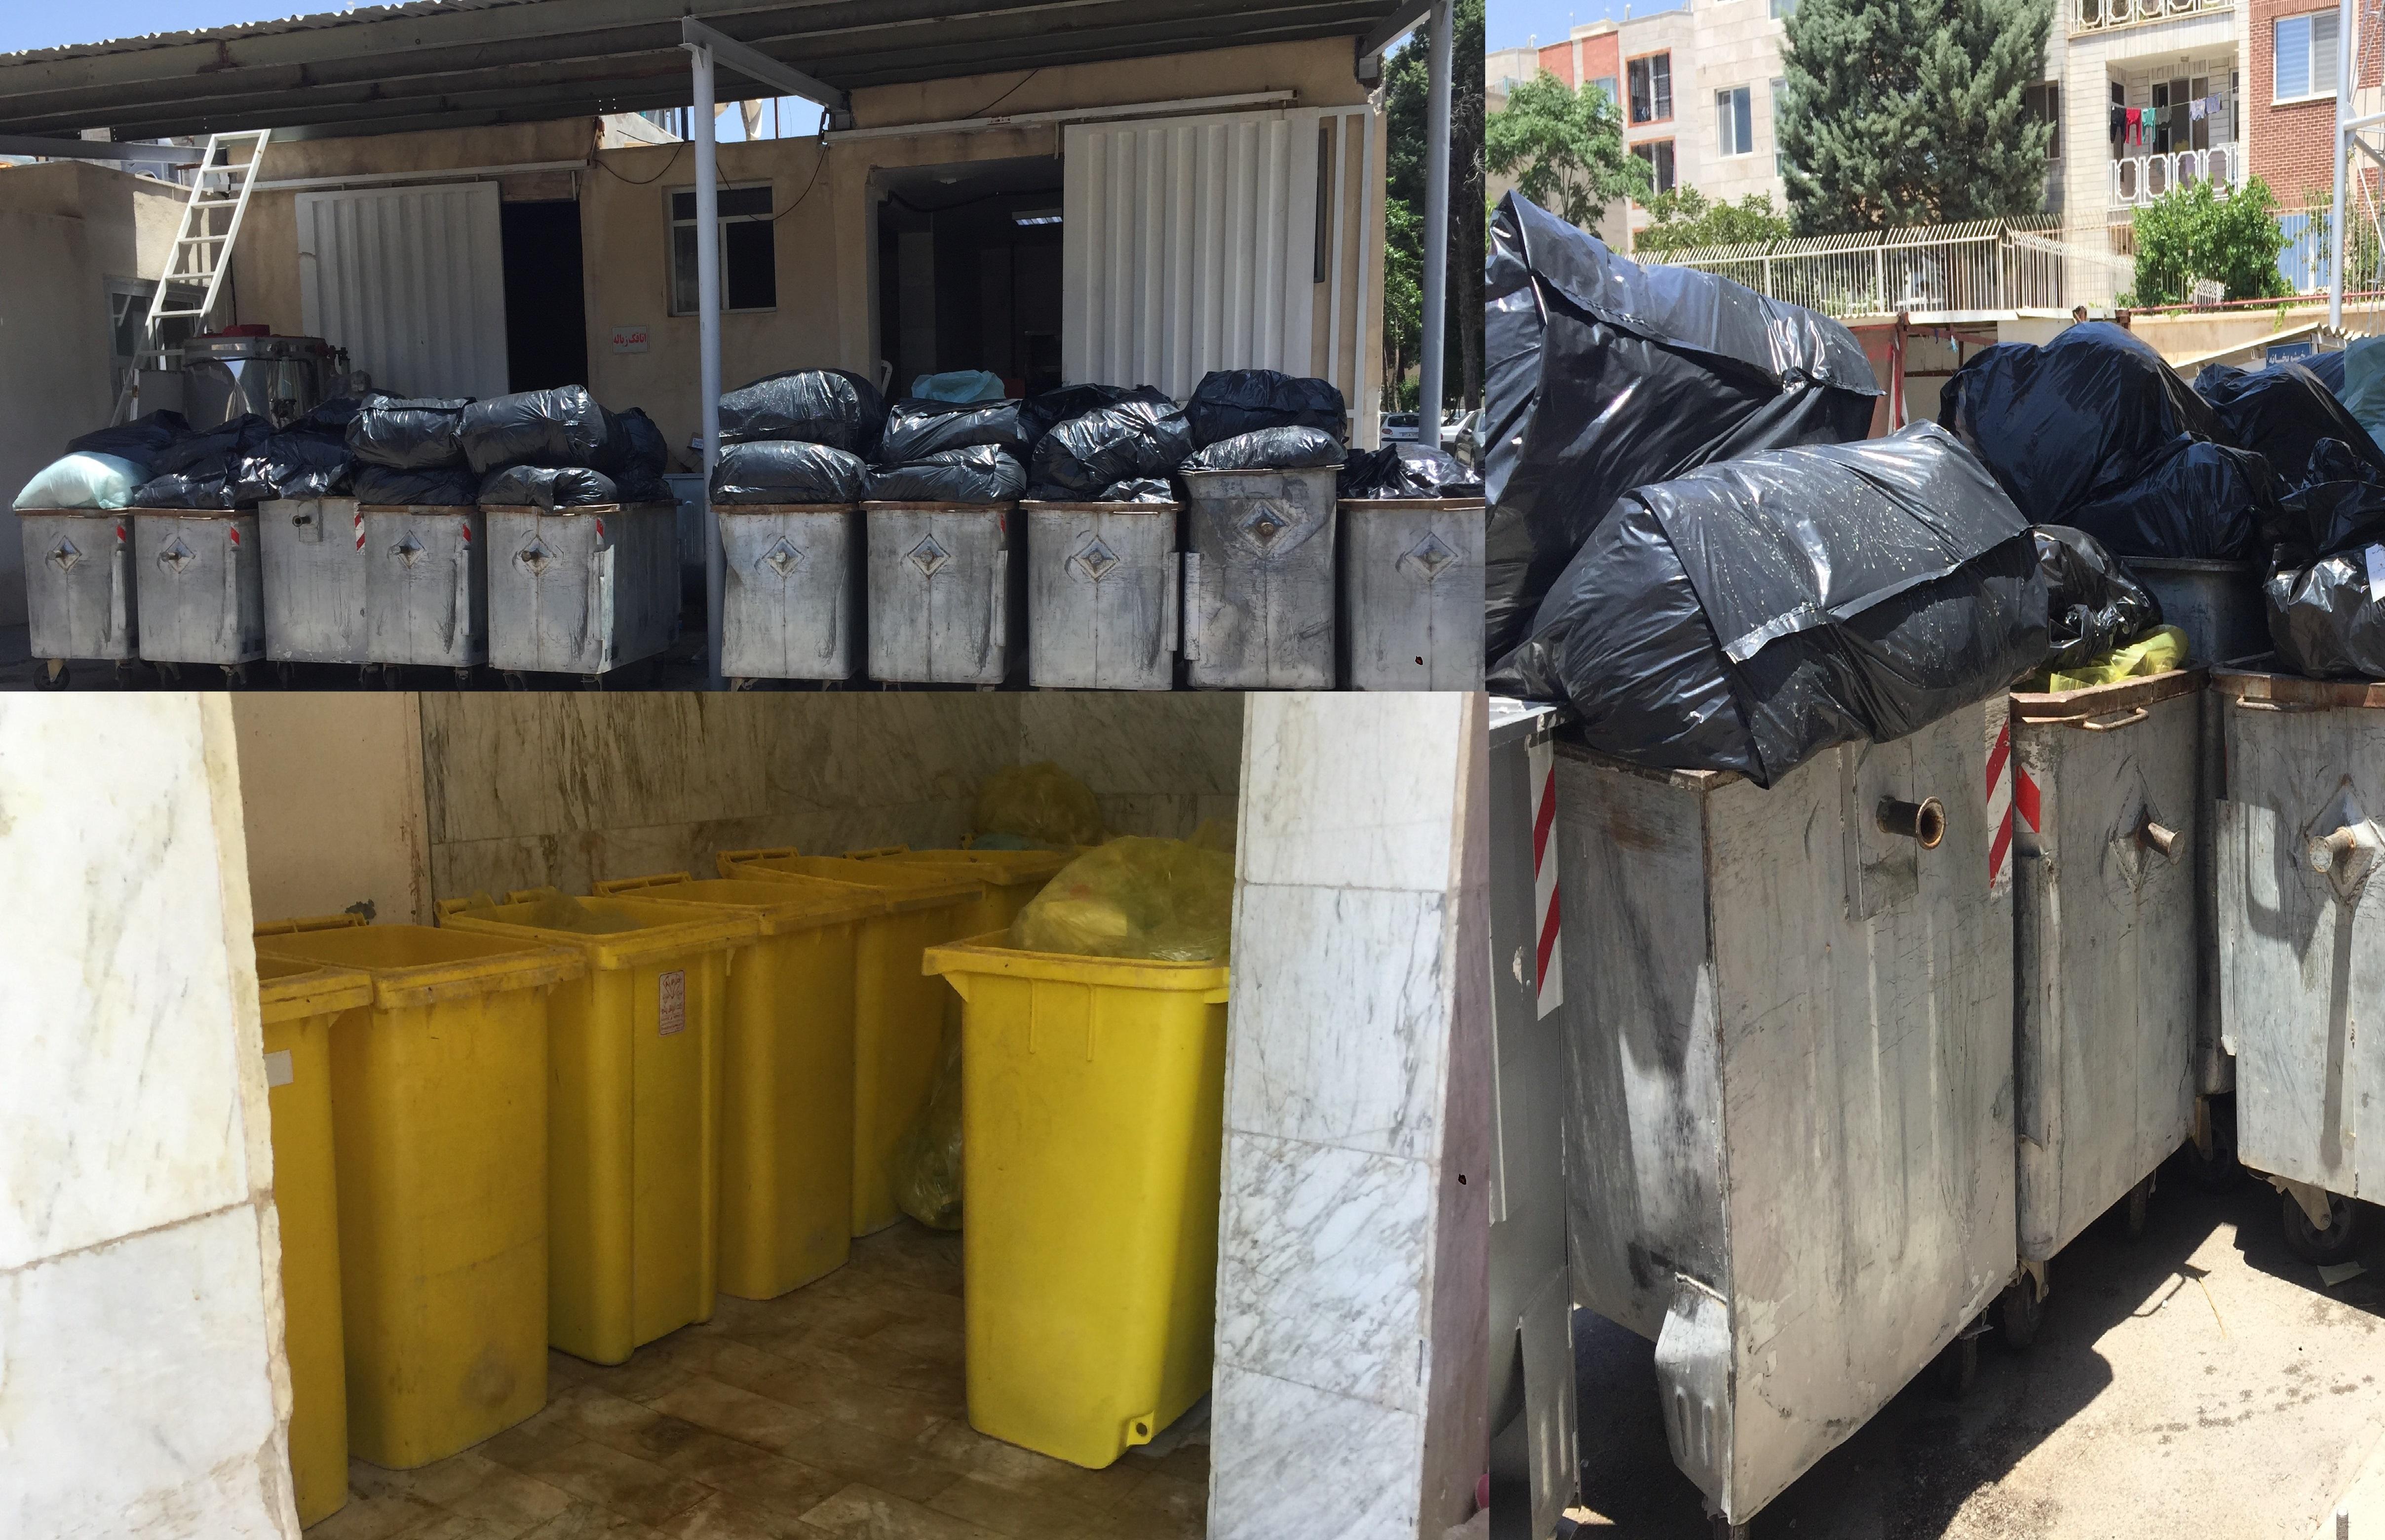 متهمان آلوده کننده محیط زیست در قزوین به تهیه ۴ مقاله علمی، پژوهشی محکوم شدند